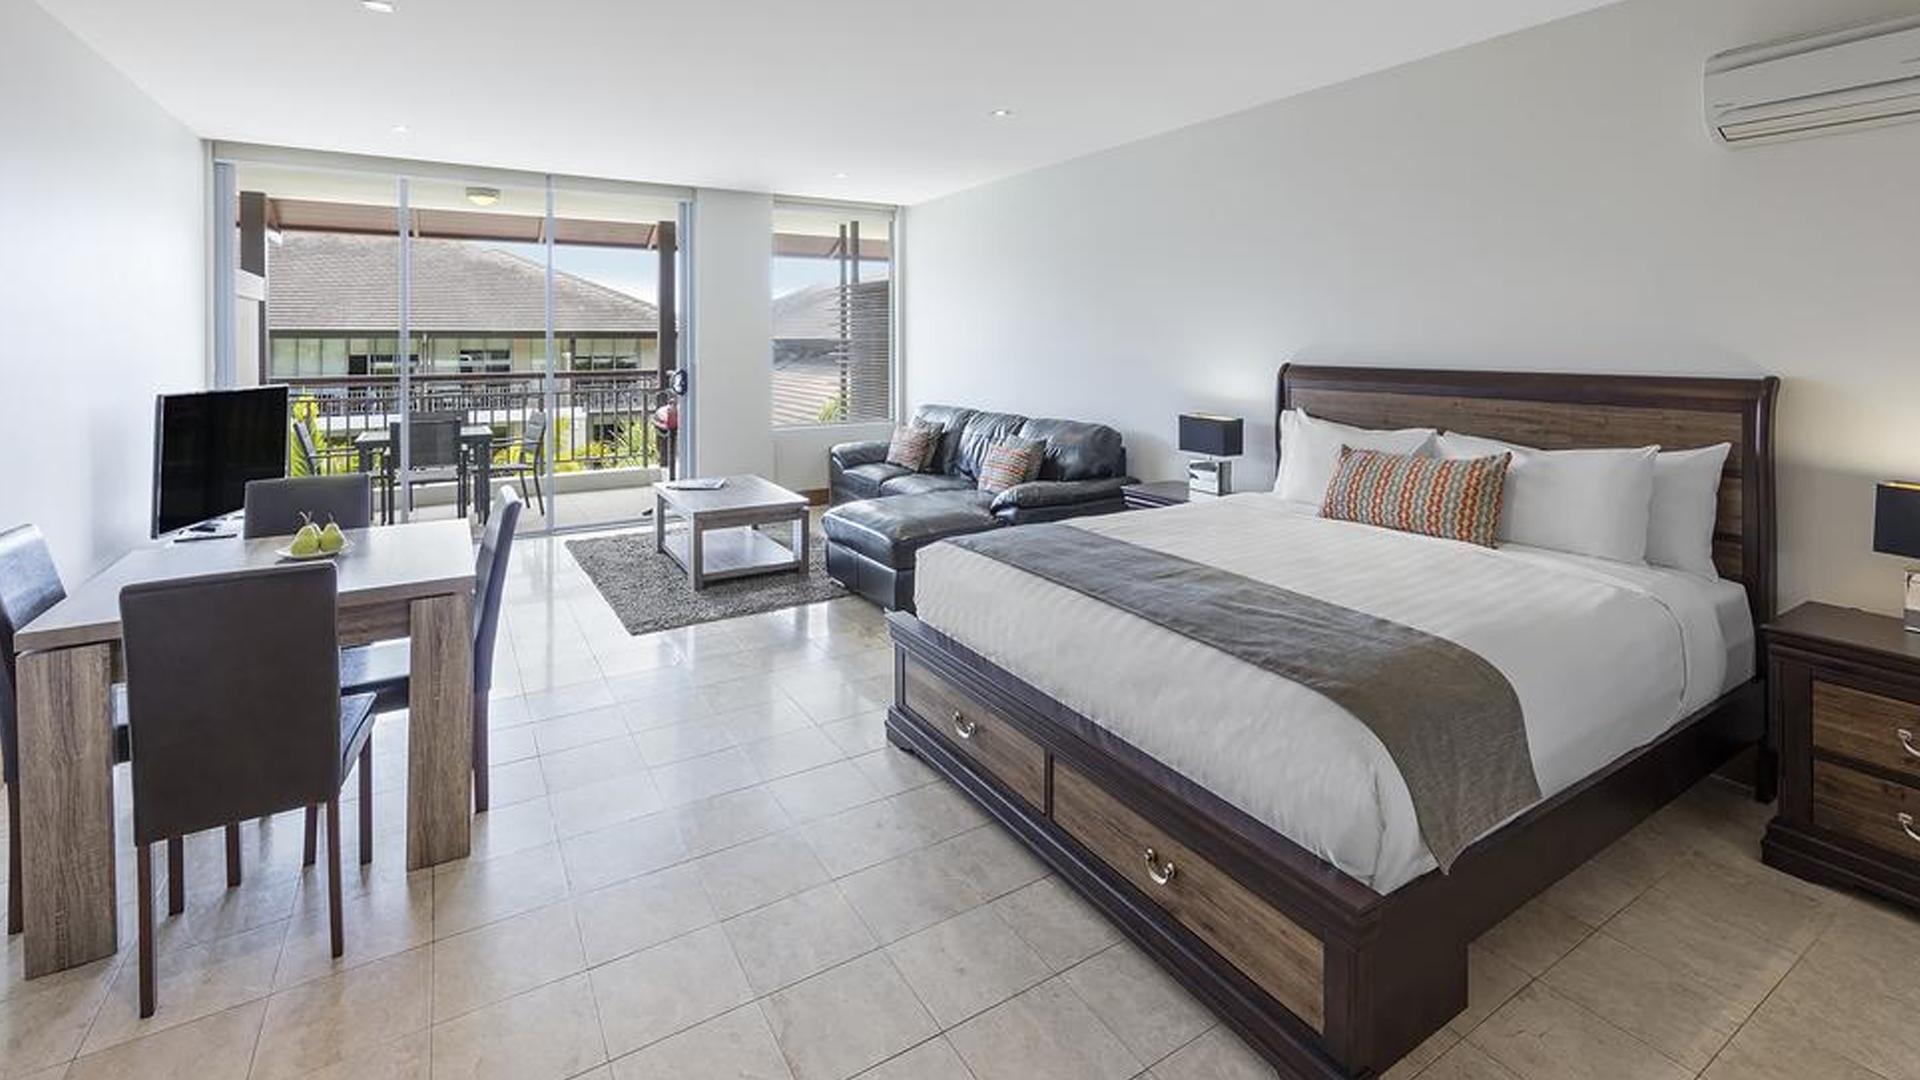 Studio Apartment image 1 at Oaks Santai Resort Casuarina Jan 2020 by Tweed Shire Council, New South Wales, Australia